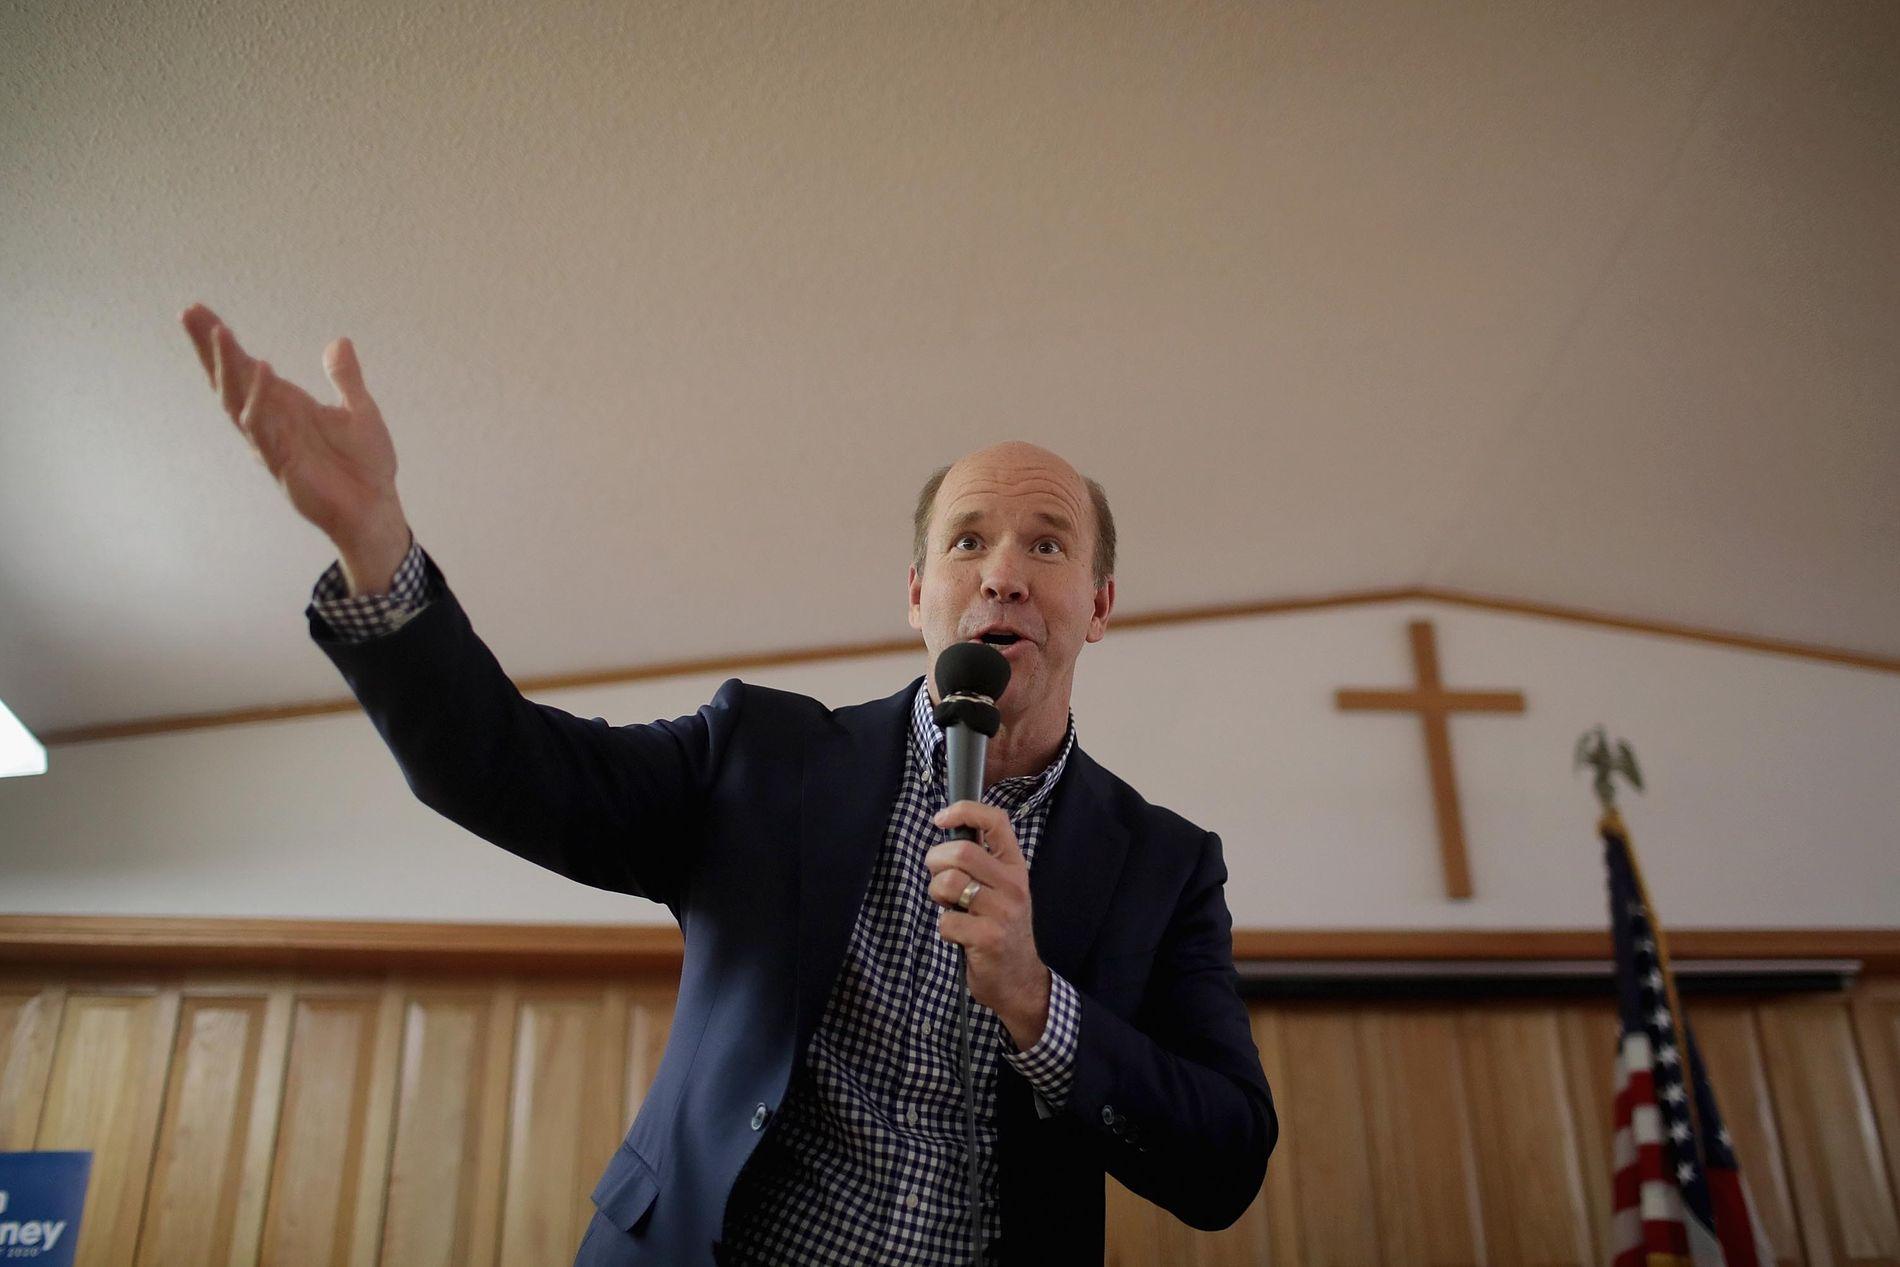 KIRKEBESØK: John Delaney besøkte en kirke i Iowa i februar.